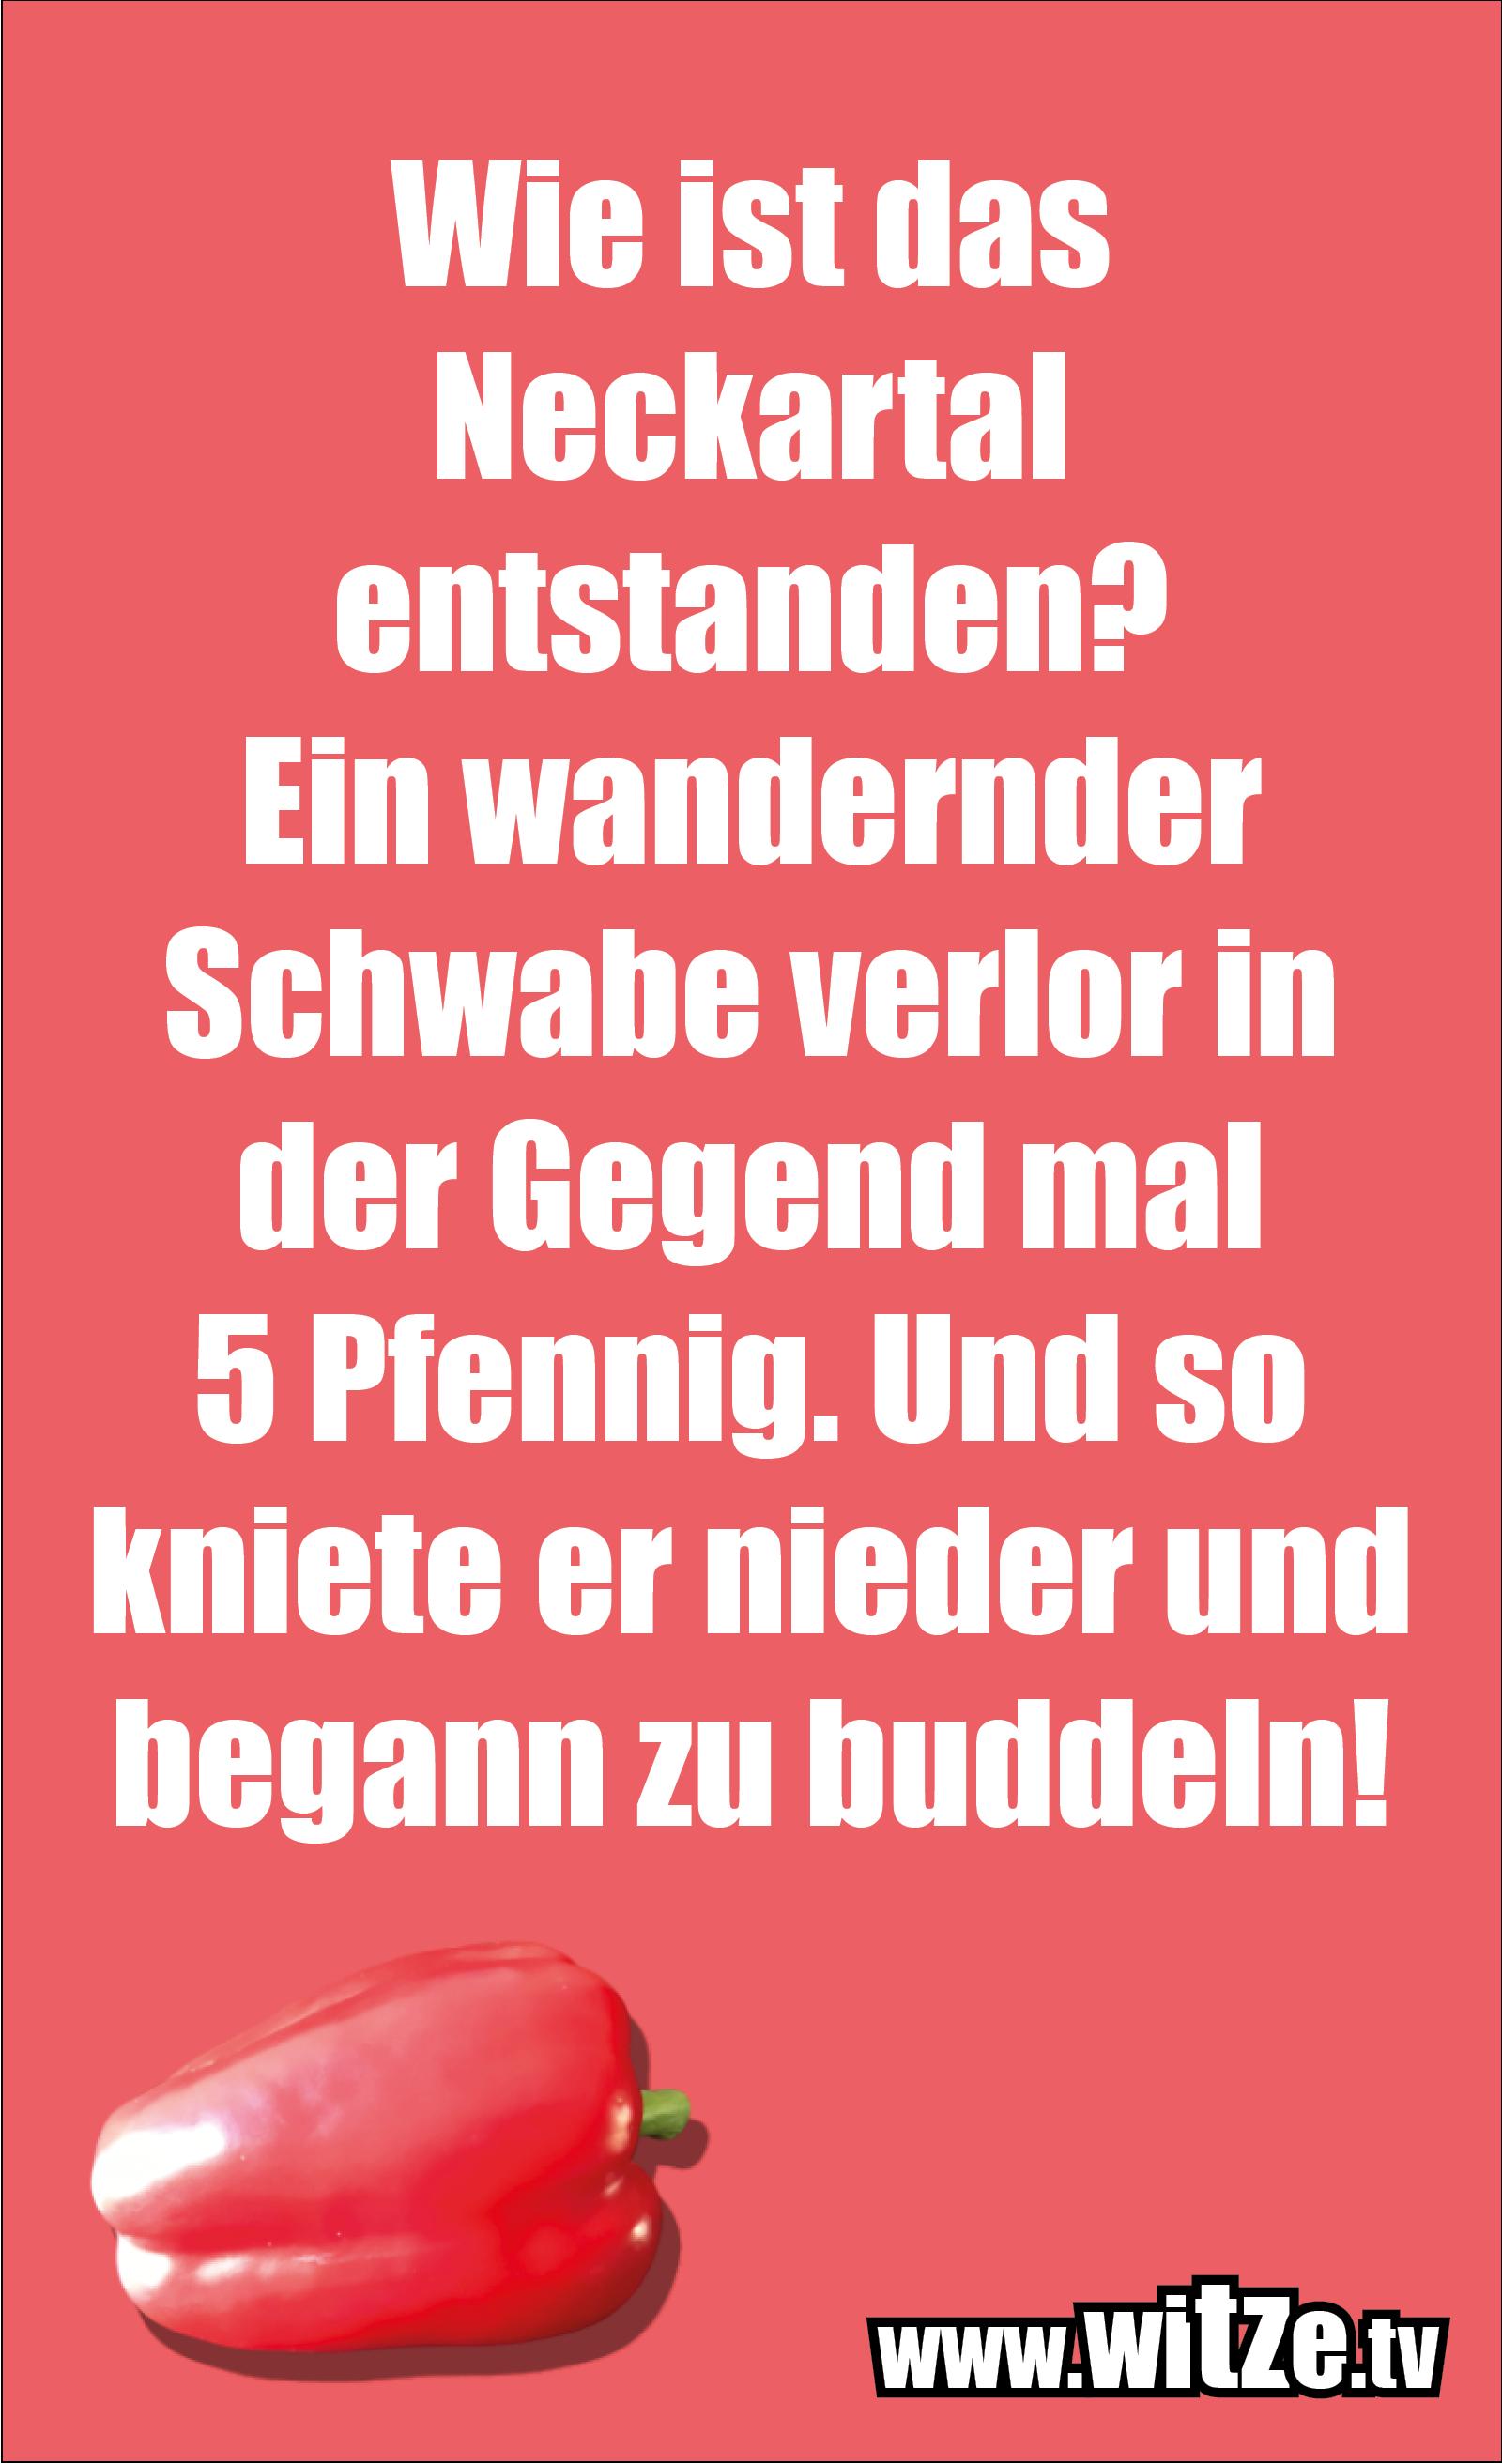 Schwaben Witz… Wie ist das Neckartal entstanden? Ein wandernder Schwabe verlor in der Gegend mal 5 Pfennig. Und so kniete er nieder und begann zu buddeln!